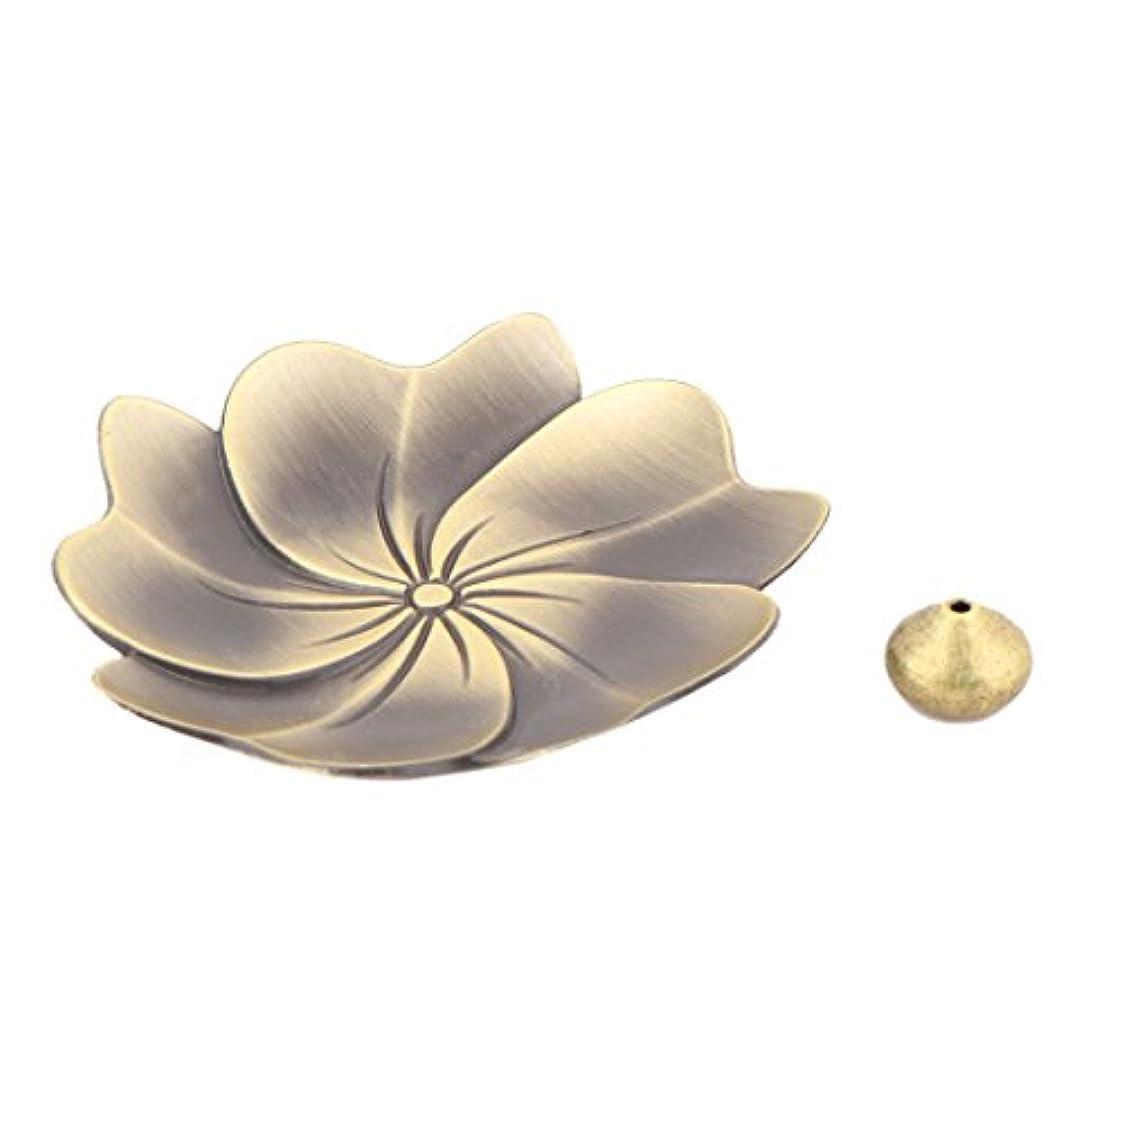 関税ナプキン偏見uxcell 香炉ホルダー お香立て インセンスホルダー 蓮 ロータス 花型 セット 金属製 家庭用 直径9cm